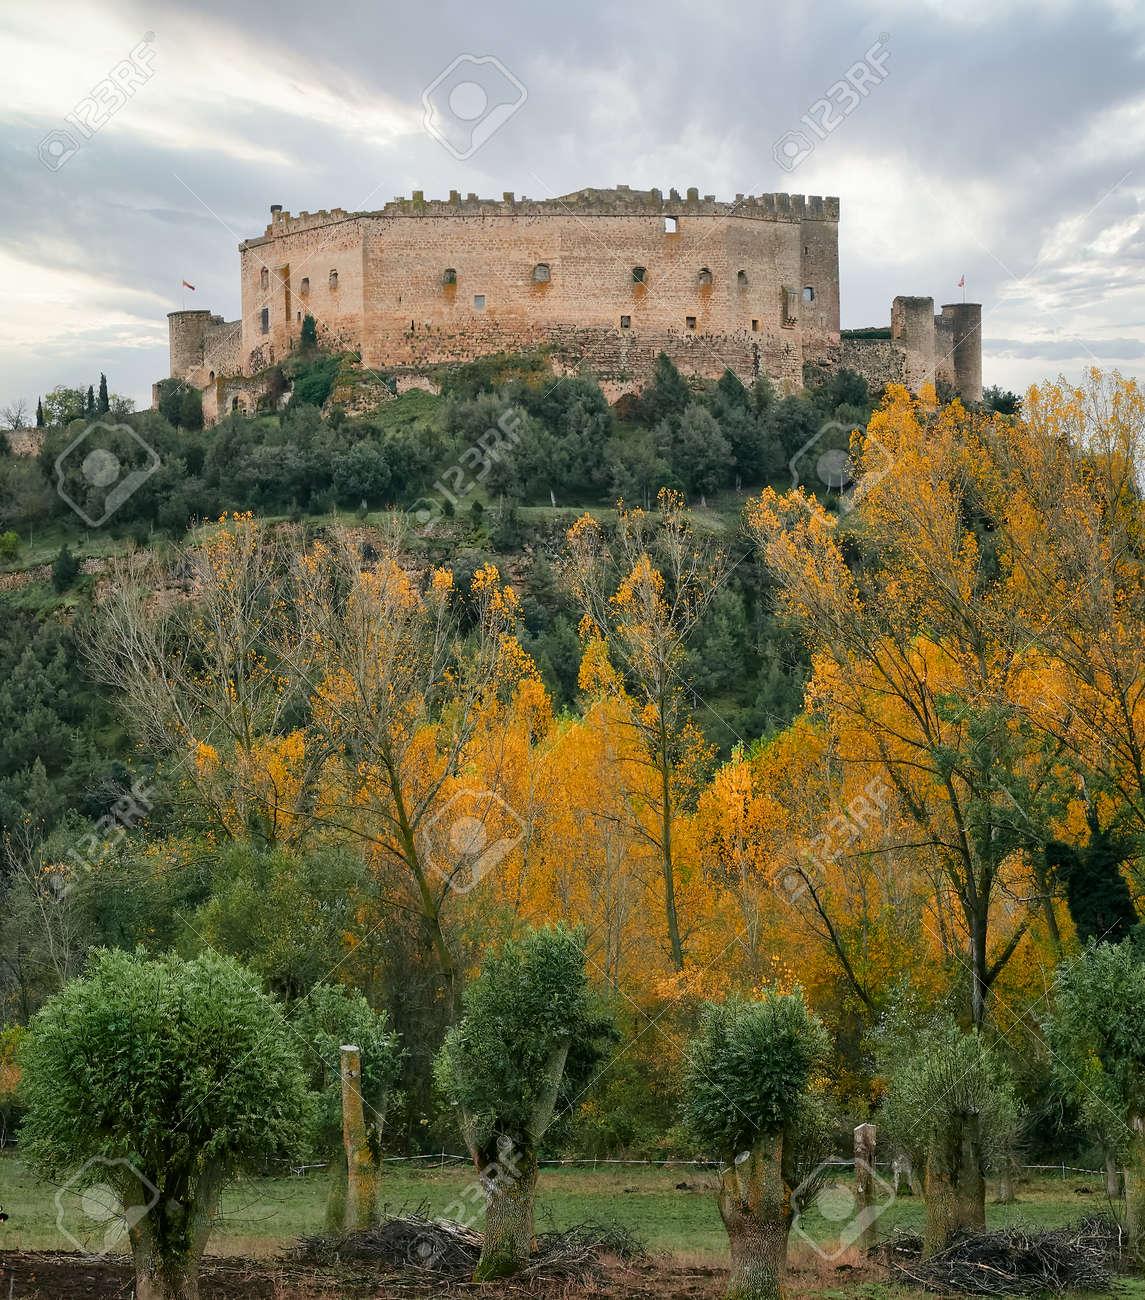 view of Pedraza castle in winter, Segovia, Castilla y Leon, Spain - 156569864